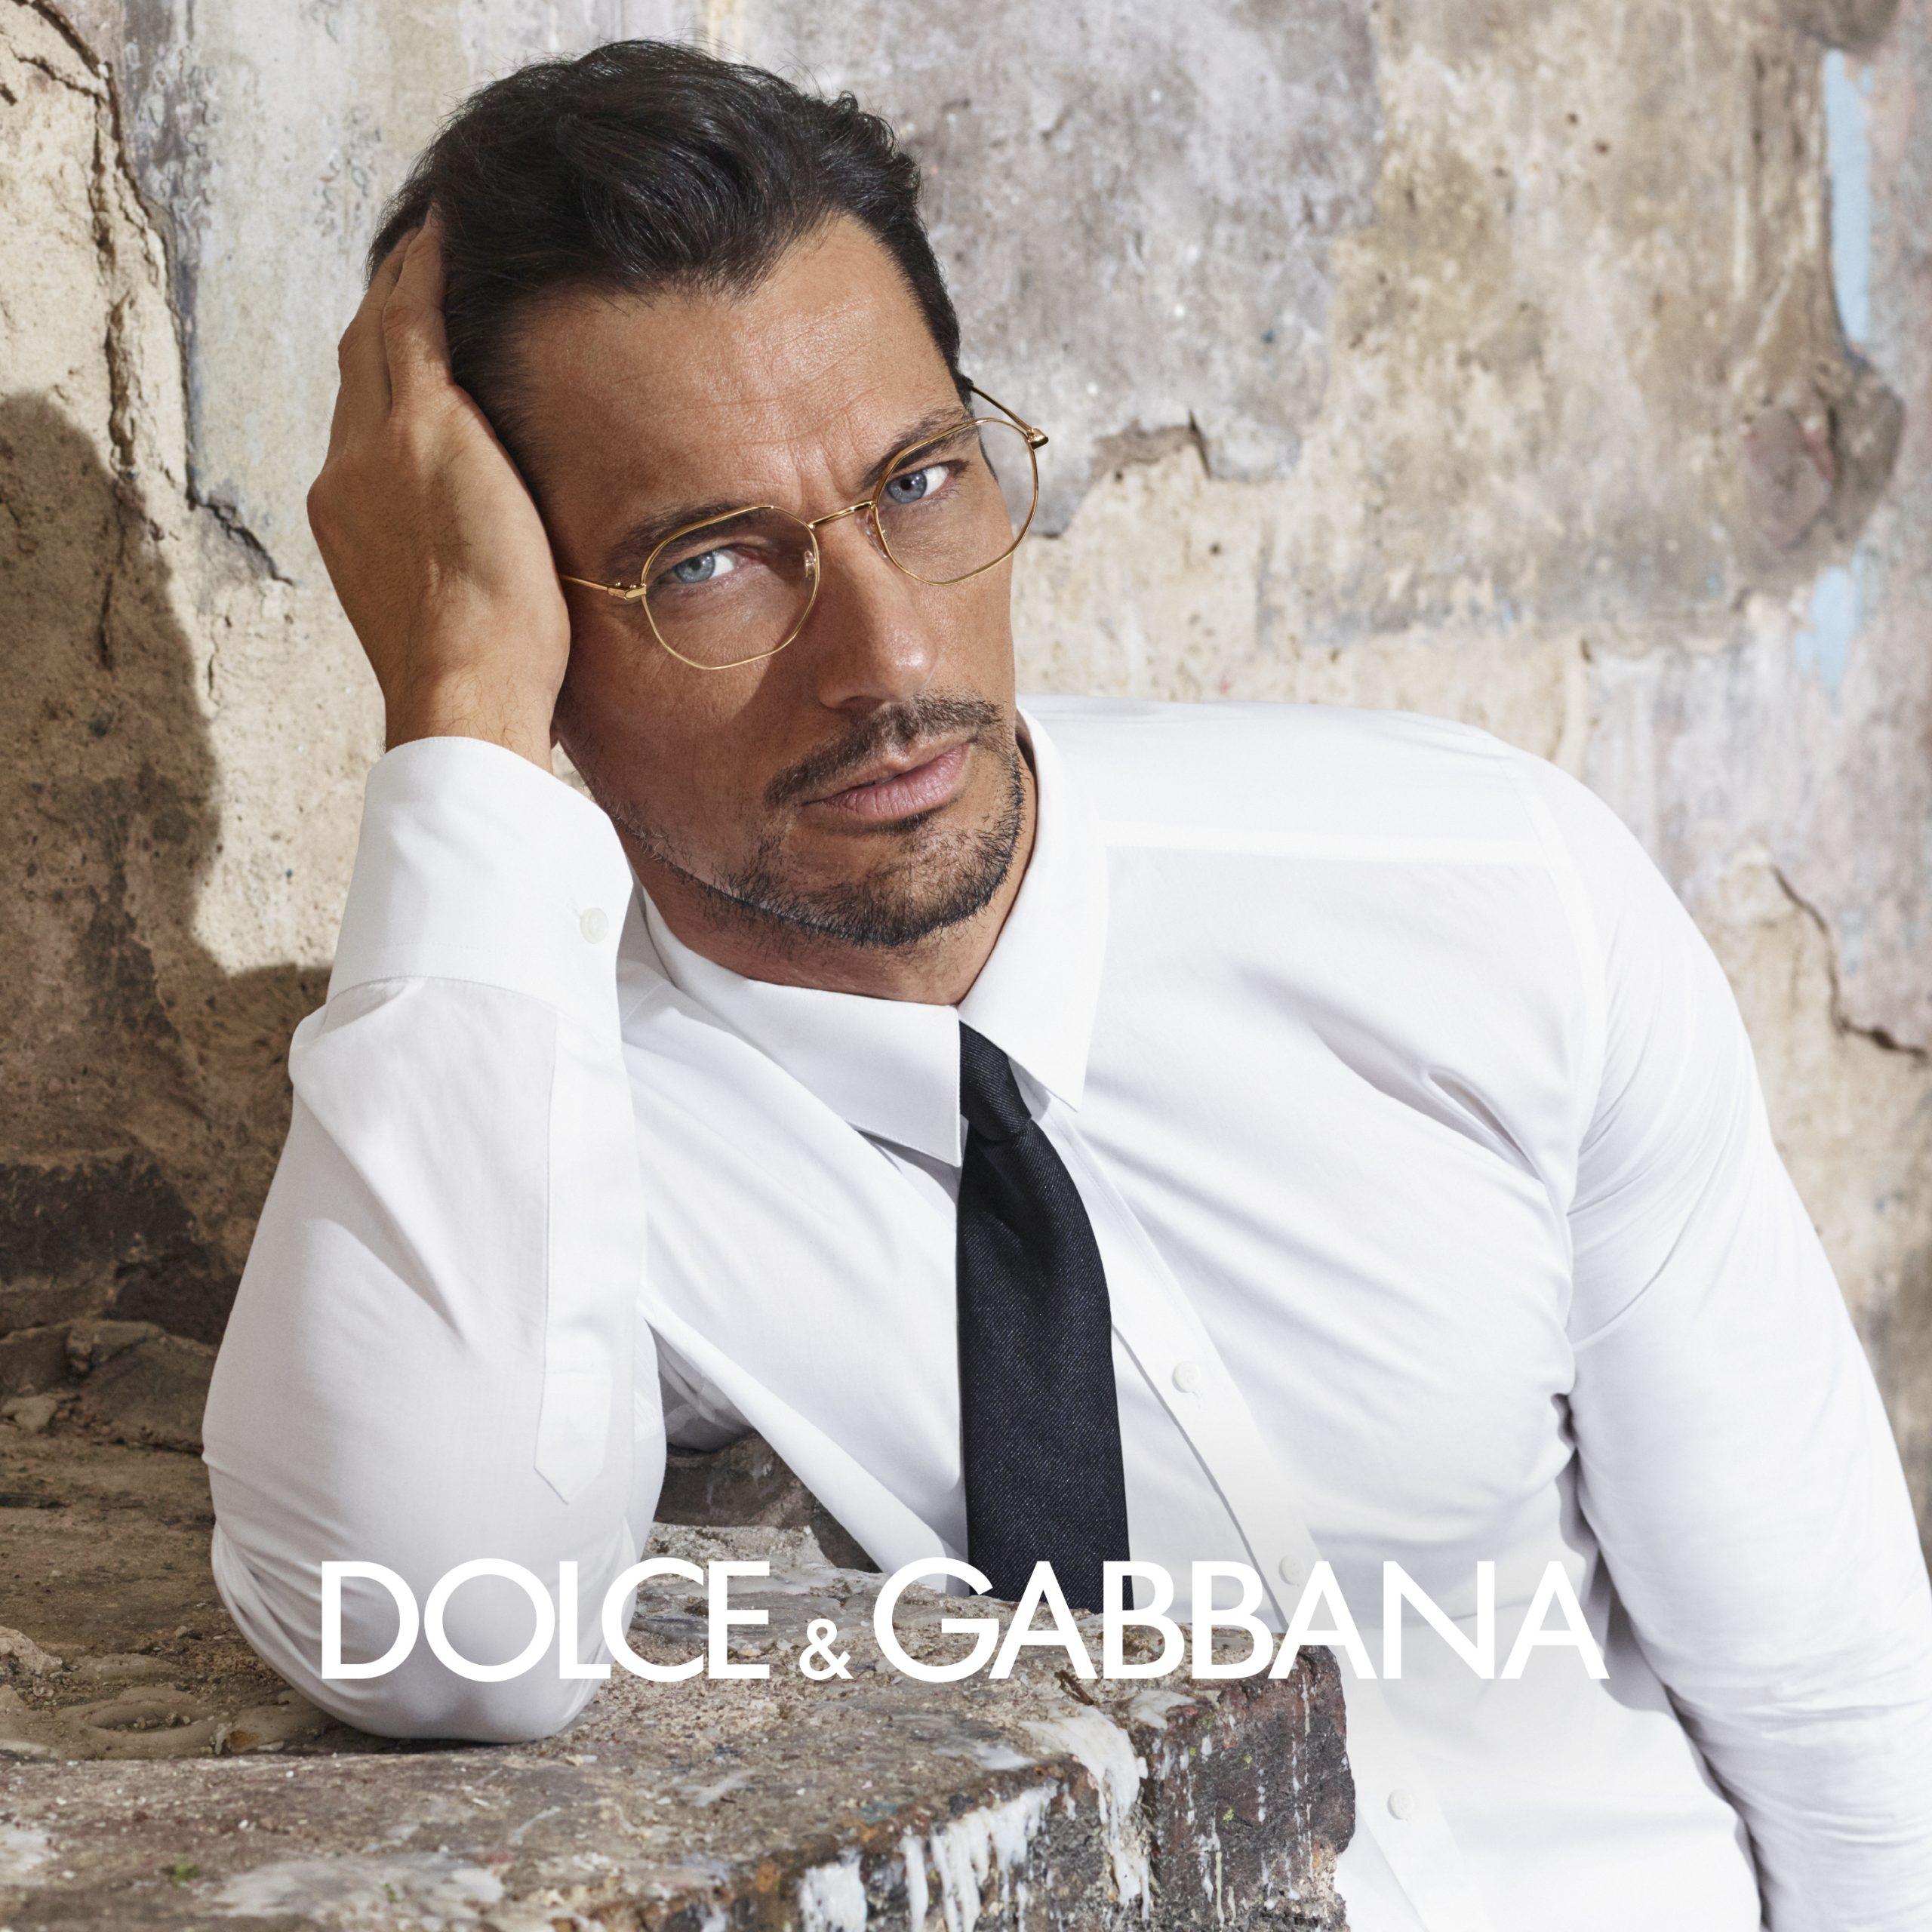 Dolce & Gabbana - Ótica Pitosga